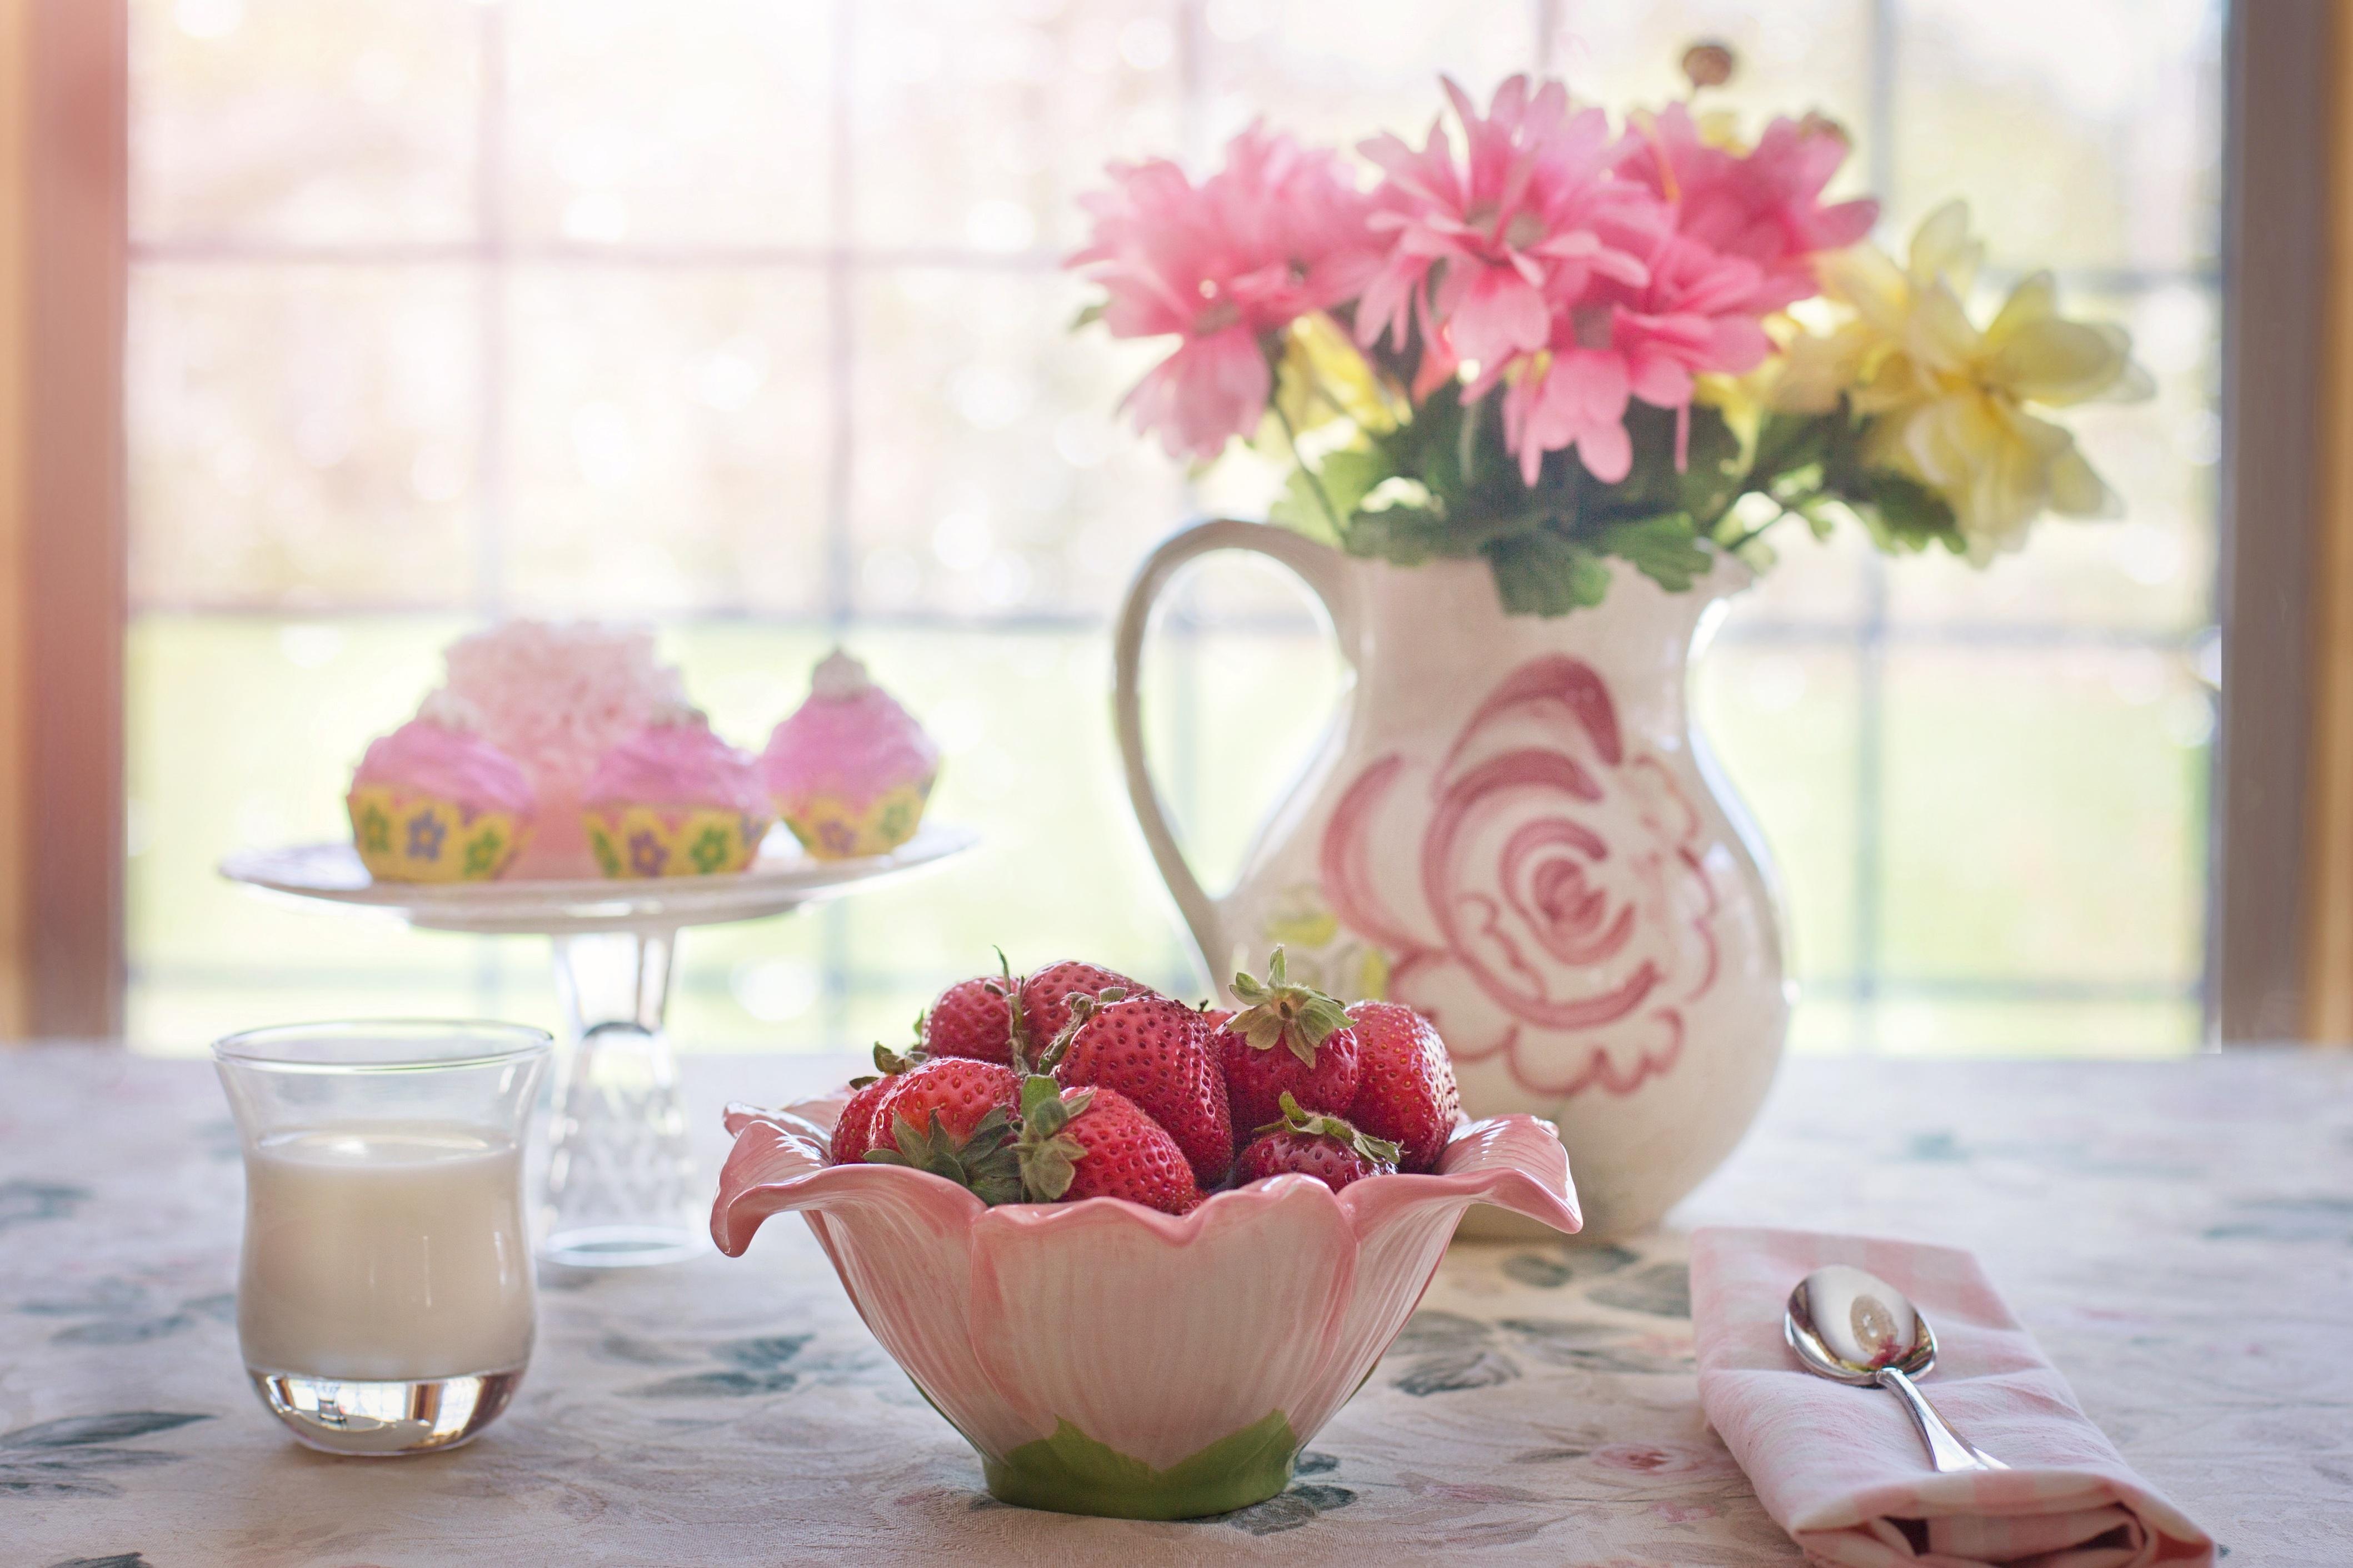 прошлом доброе утро нежные картинки с фруктами обратной стороне